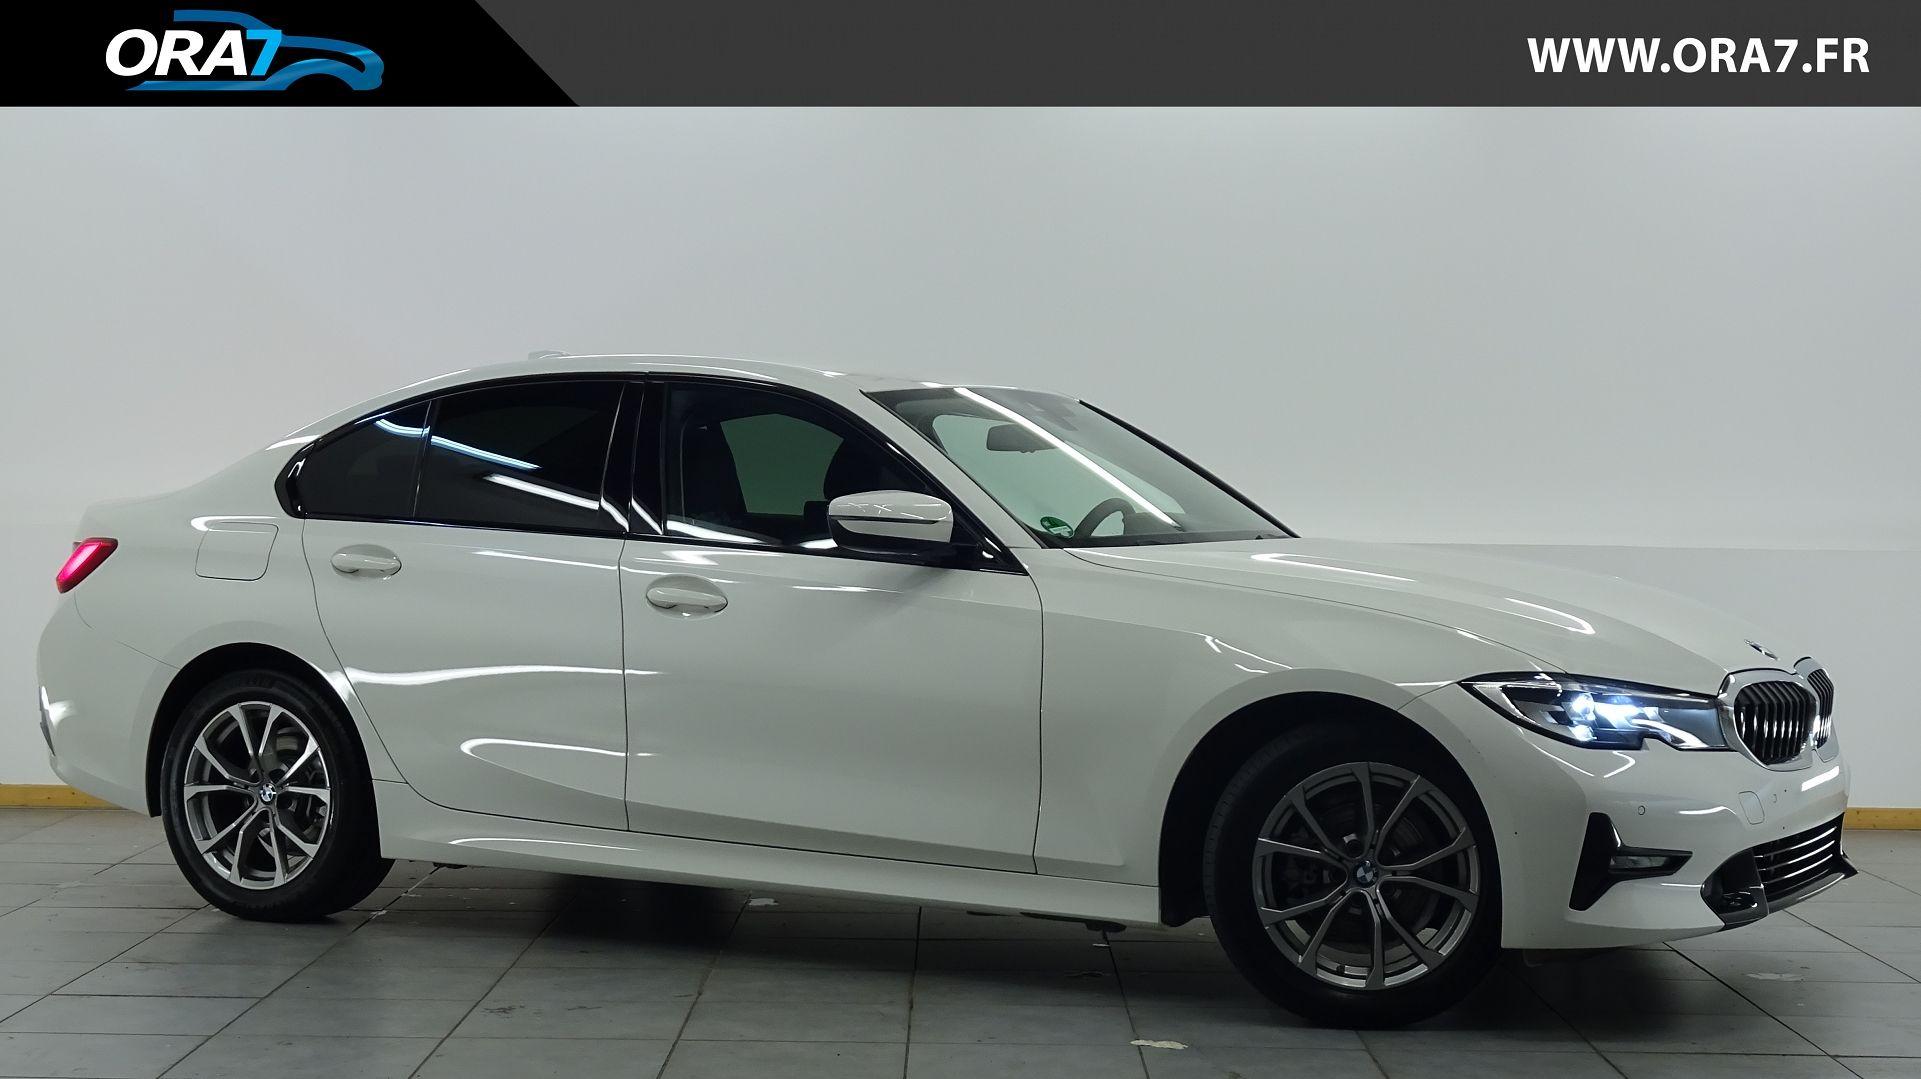 Nouvelle BMW SERIE 3 (G20) 318D 150CH EDITION SPORT d'occasion dans votre centre ORA7